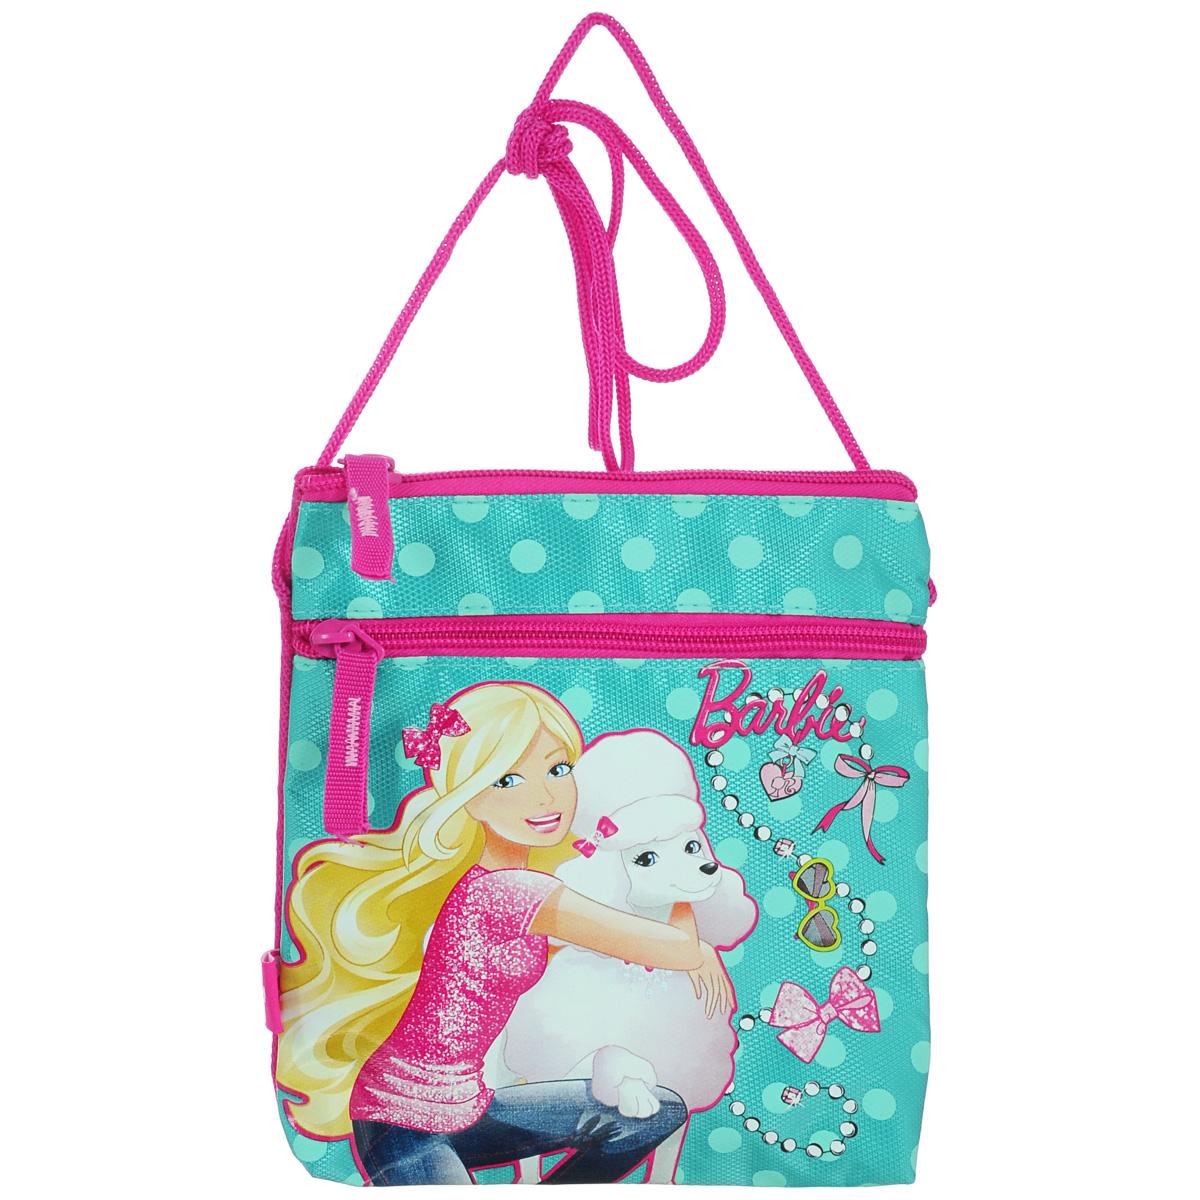 Сумка детская на плечо Barbie, цвет: бирюзовый, розовый71069с-2Детская сумка Barbie выполнена из прочного полиэстера и оформлена термоаппликацией с изображением Барби, обнимающей белого пуделя. Сумочка содержит одно отделение и закрывается на застежку-молнию. На лицевой стороне расположен прорезной карман на застежке-молнии.Сумочка оснащена шнурком для переноски.Рекомендуемый возраст: от 3 лет.